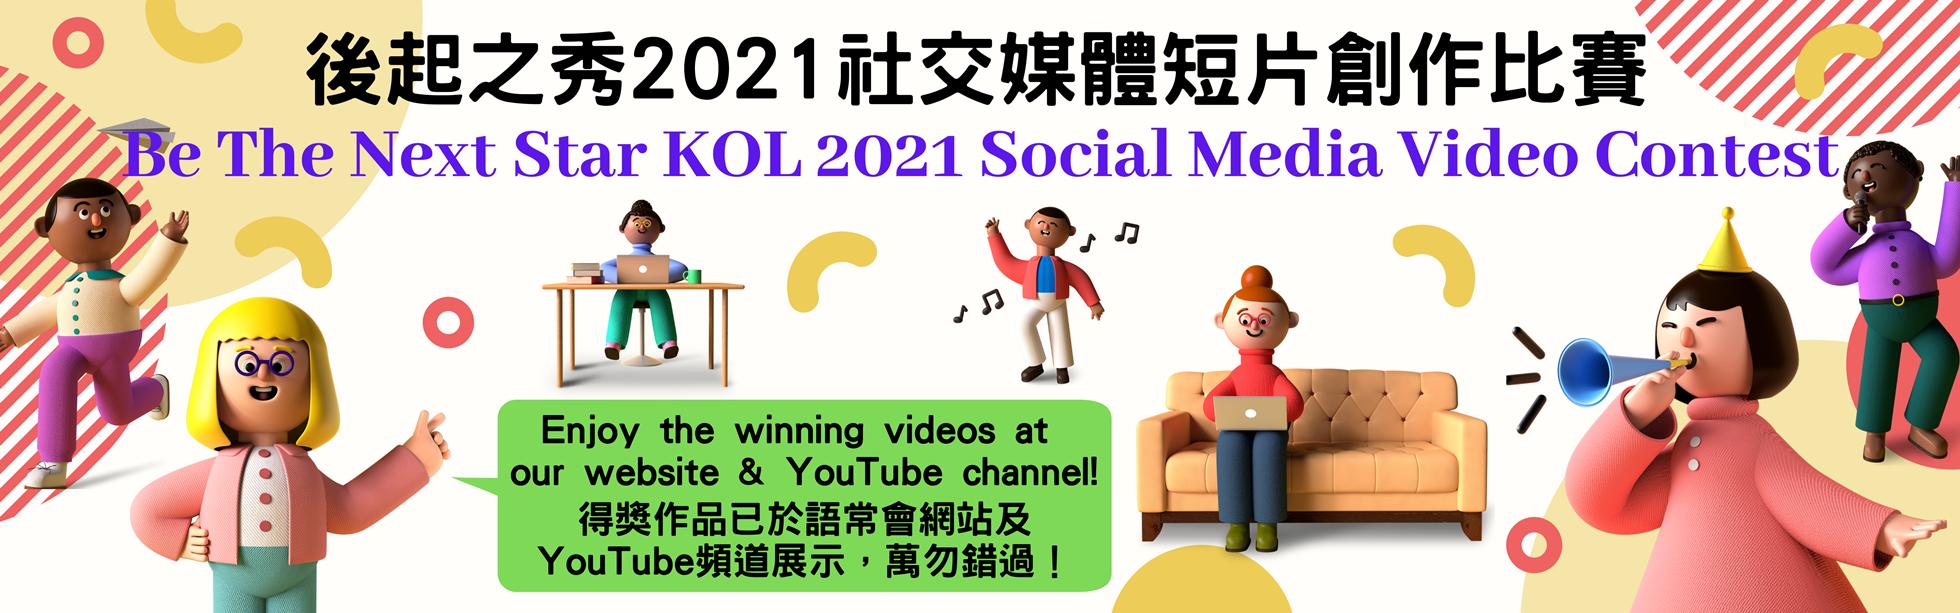 后起之秀2021社交媒体短片创作比赛